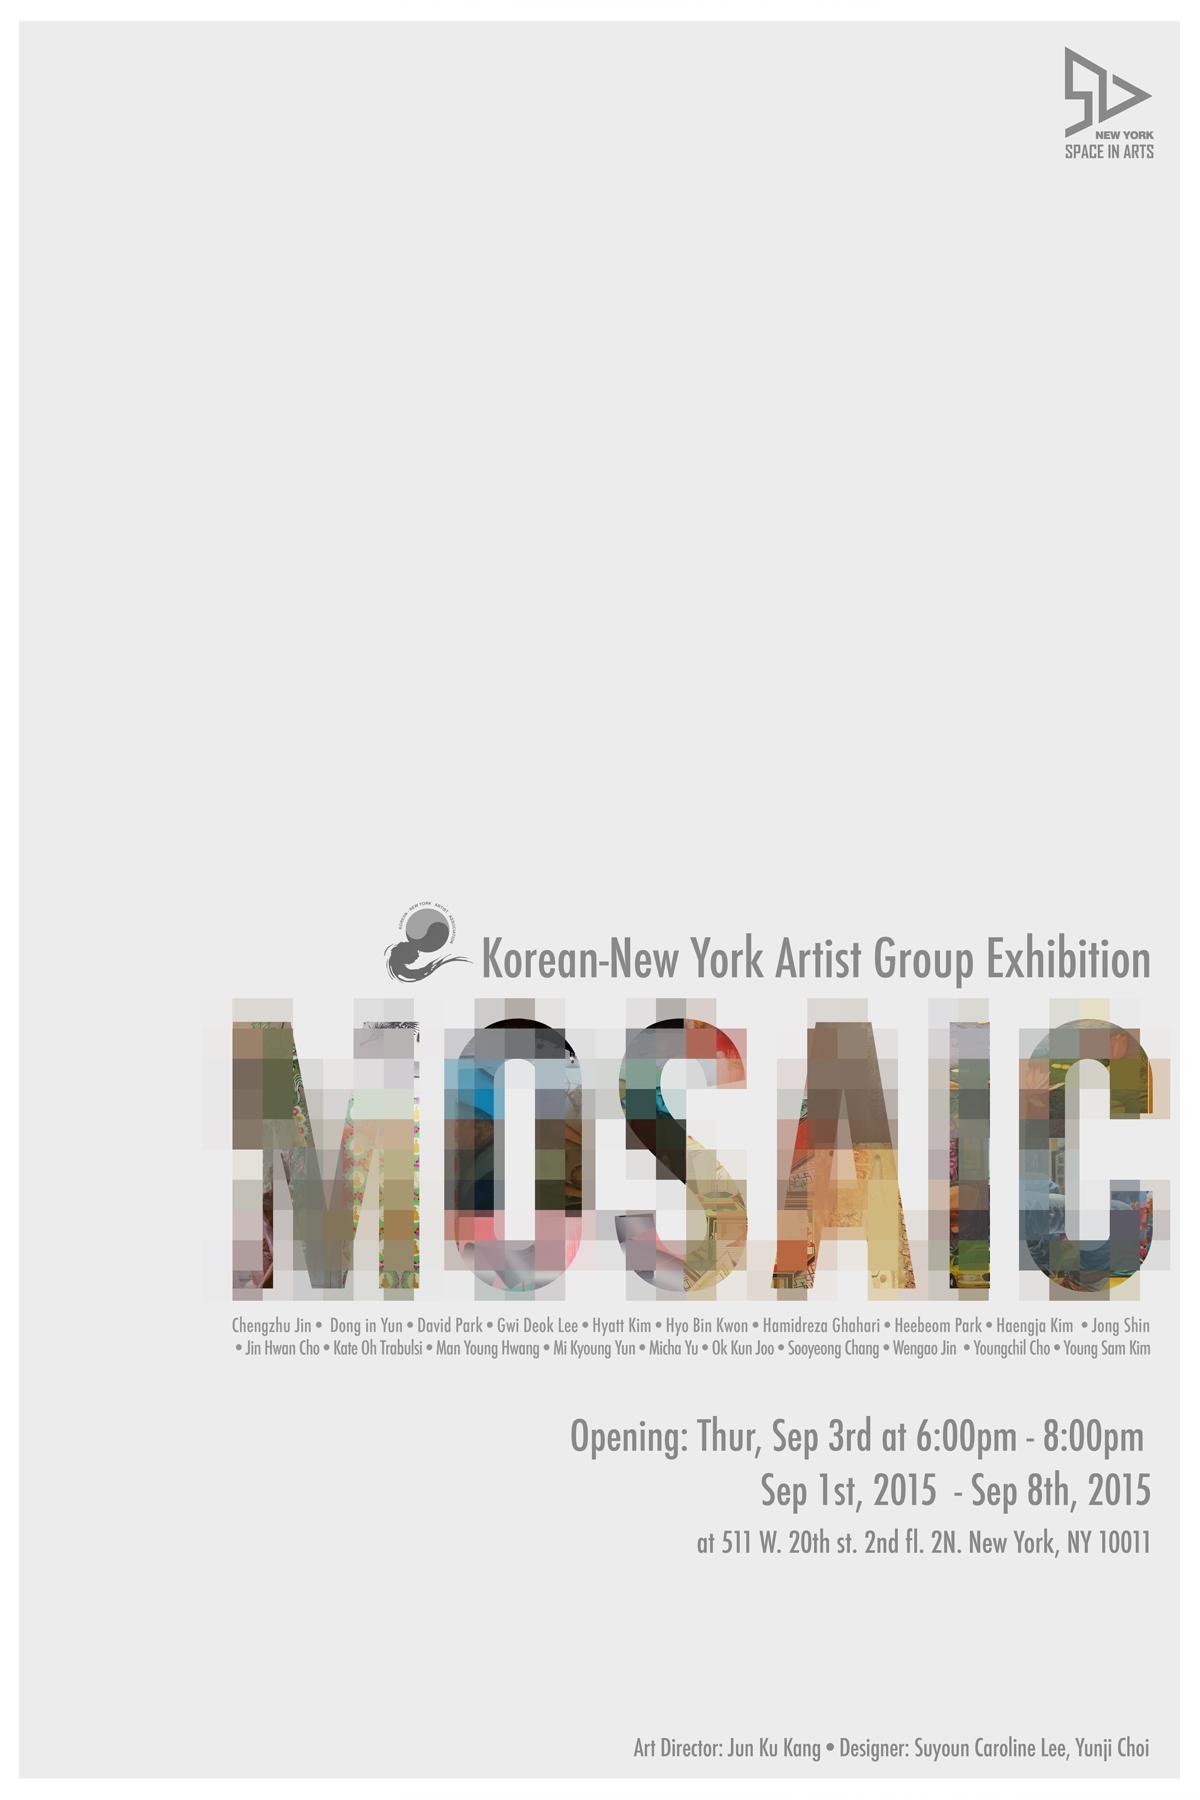 KNYYA_Mosaic_1200_v2.jpg